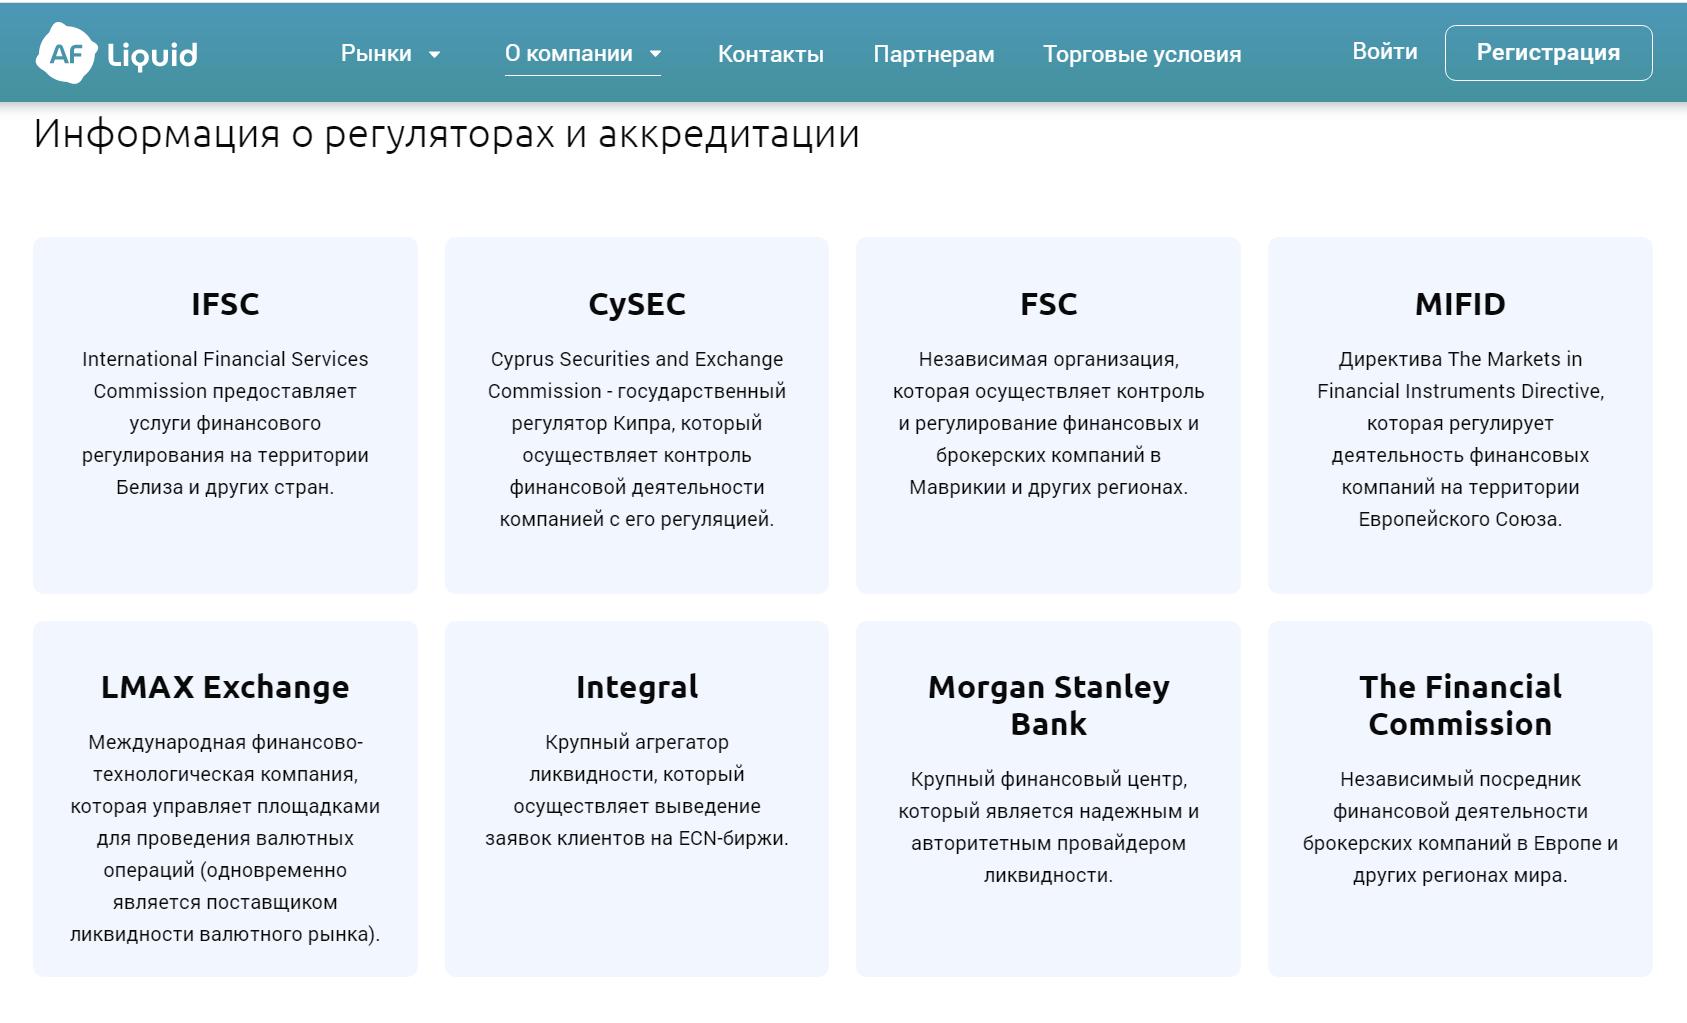 akkreditaciya-brokera-tozhe-vyzyvaet-podozreniya